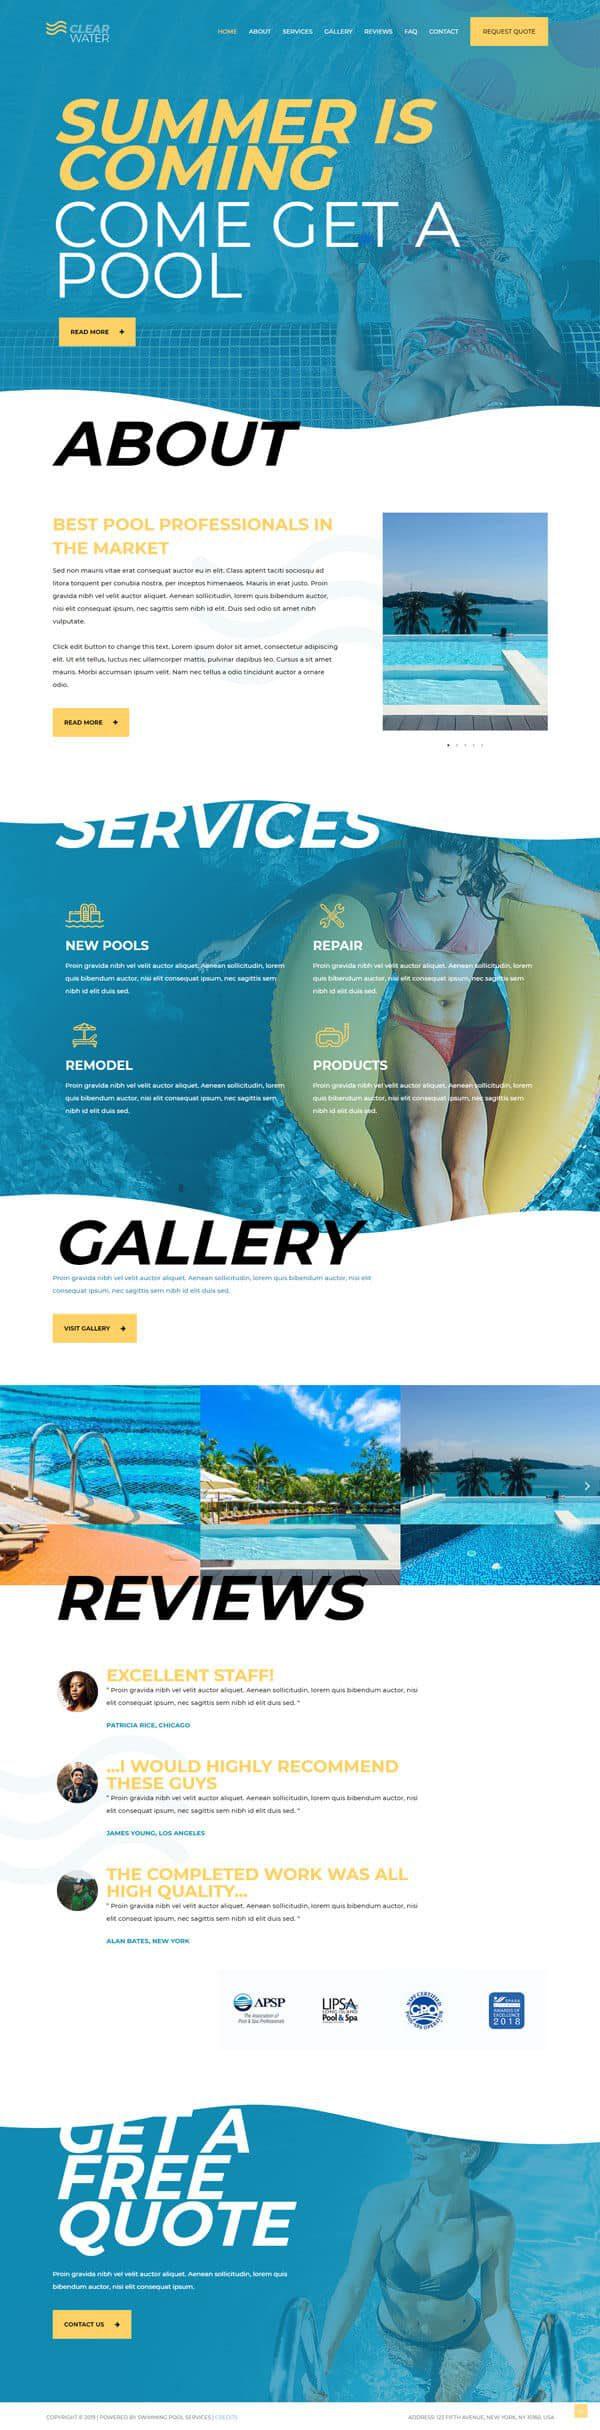 Готовый сайт. Отель, продажа и обслуживание бассейнов